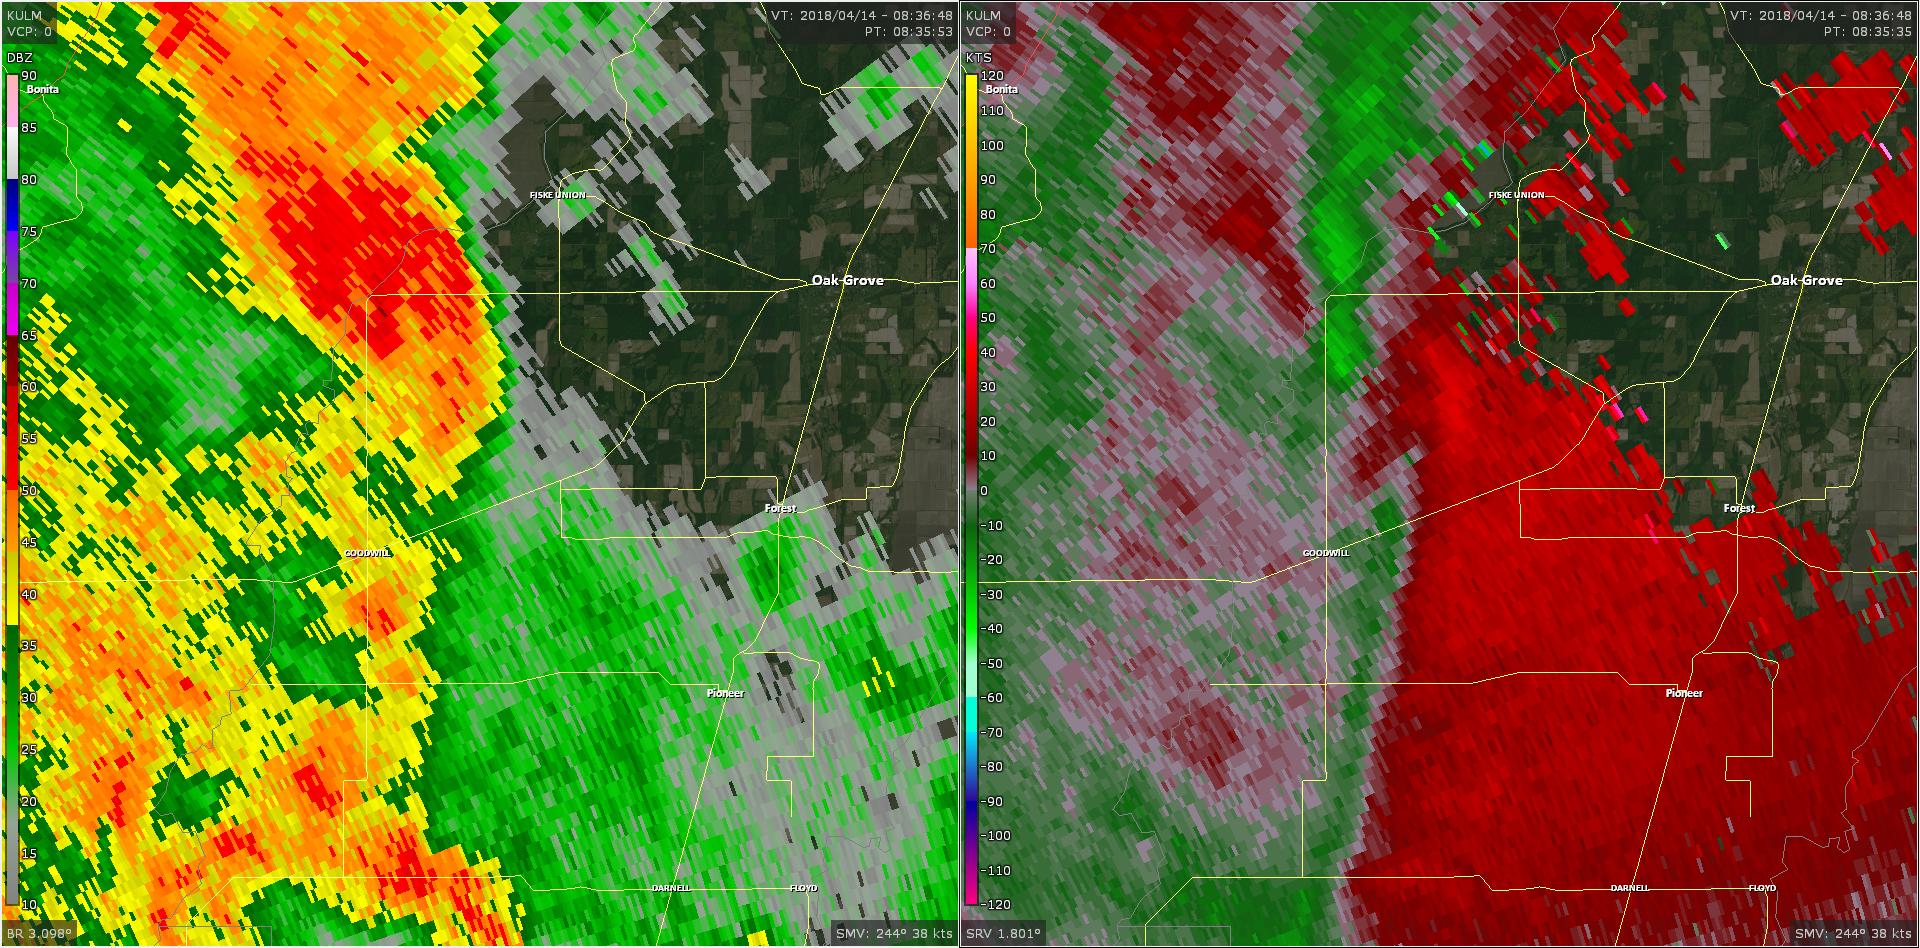 Radar - Montrose Tornado